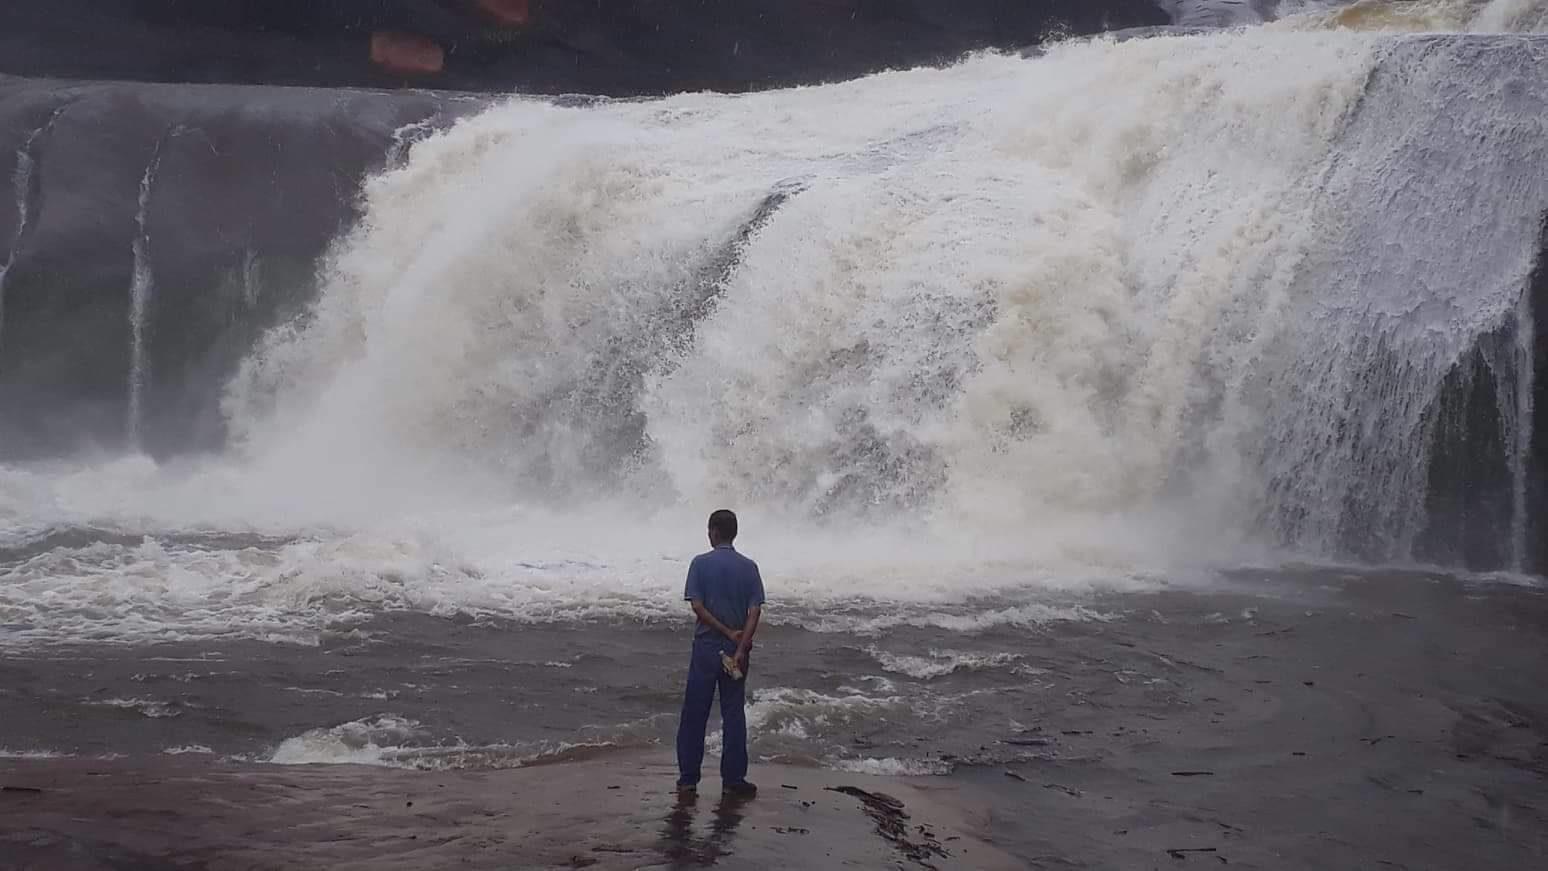 """""""บึงกาฬ"""" ปิดน้ำตก 5 แห่ง งดบริการนักท่องเที่ยว หลังฝนตกหนักหลายวัน"""